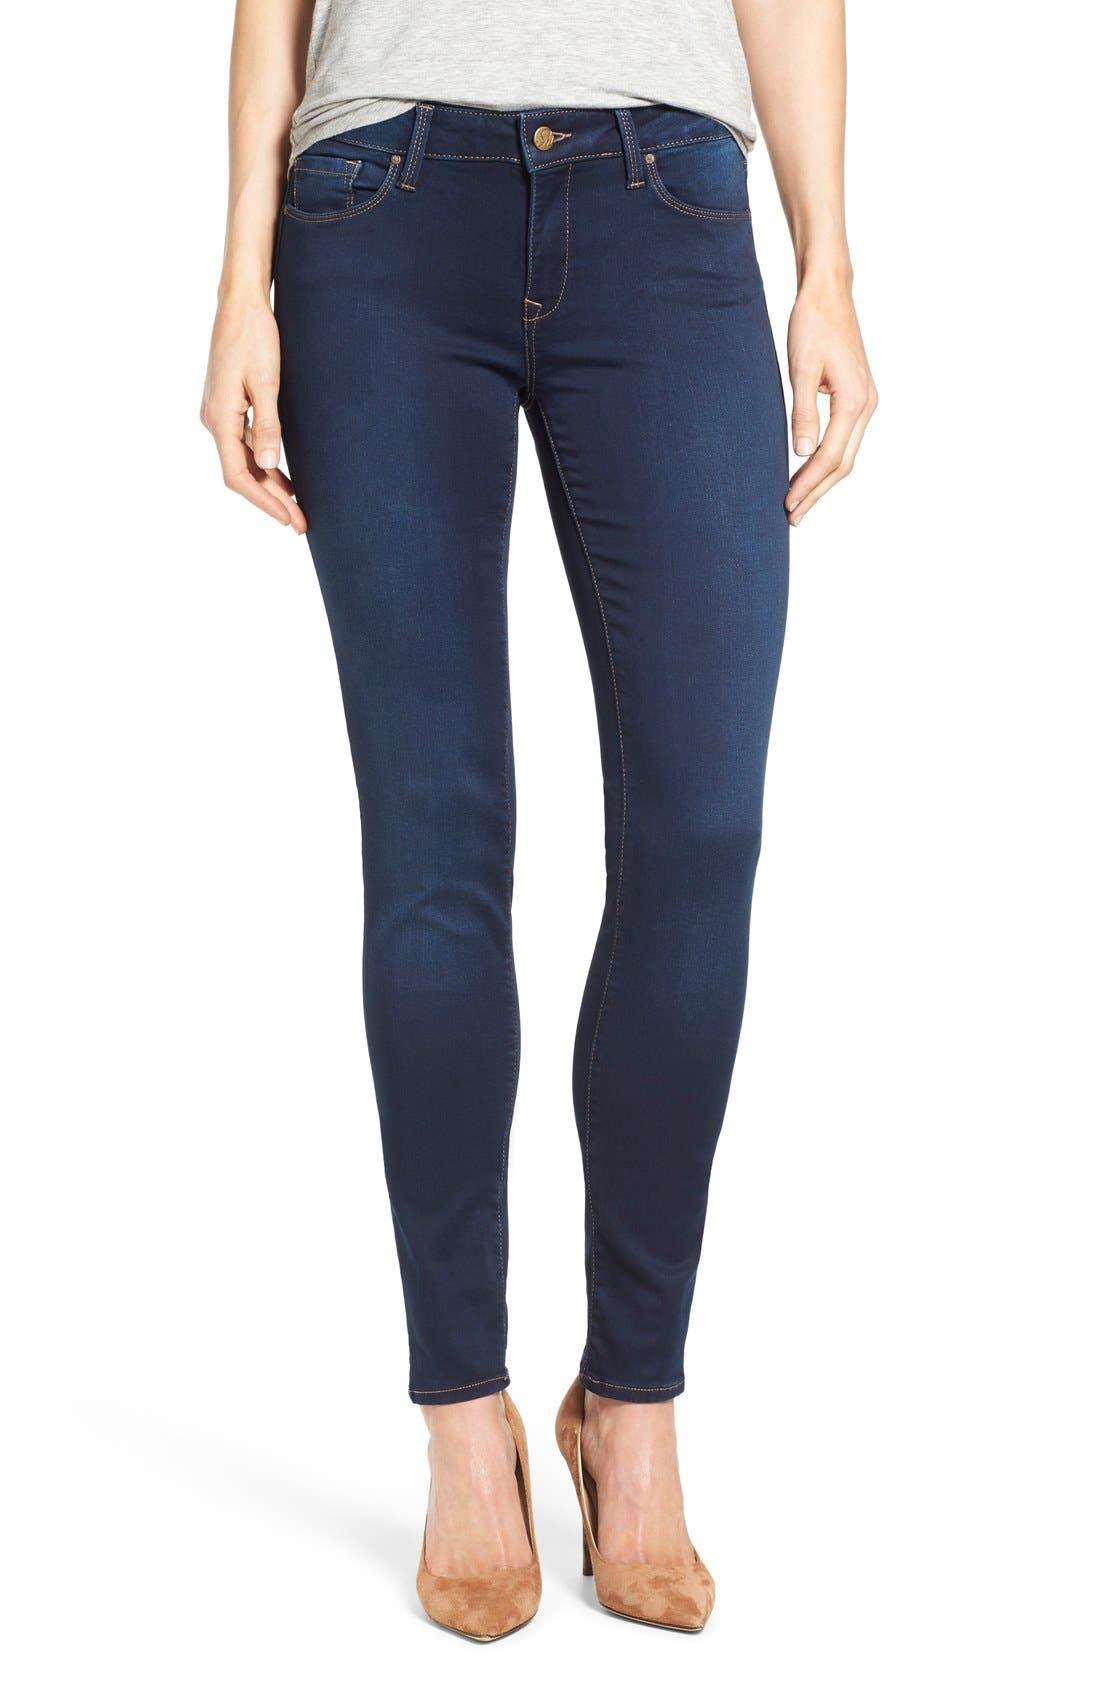 MAVI JEANS Adriana Stretch Skinny Jeans